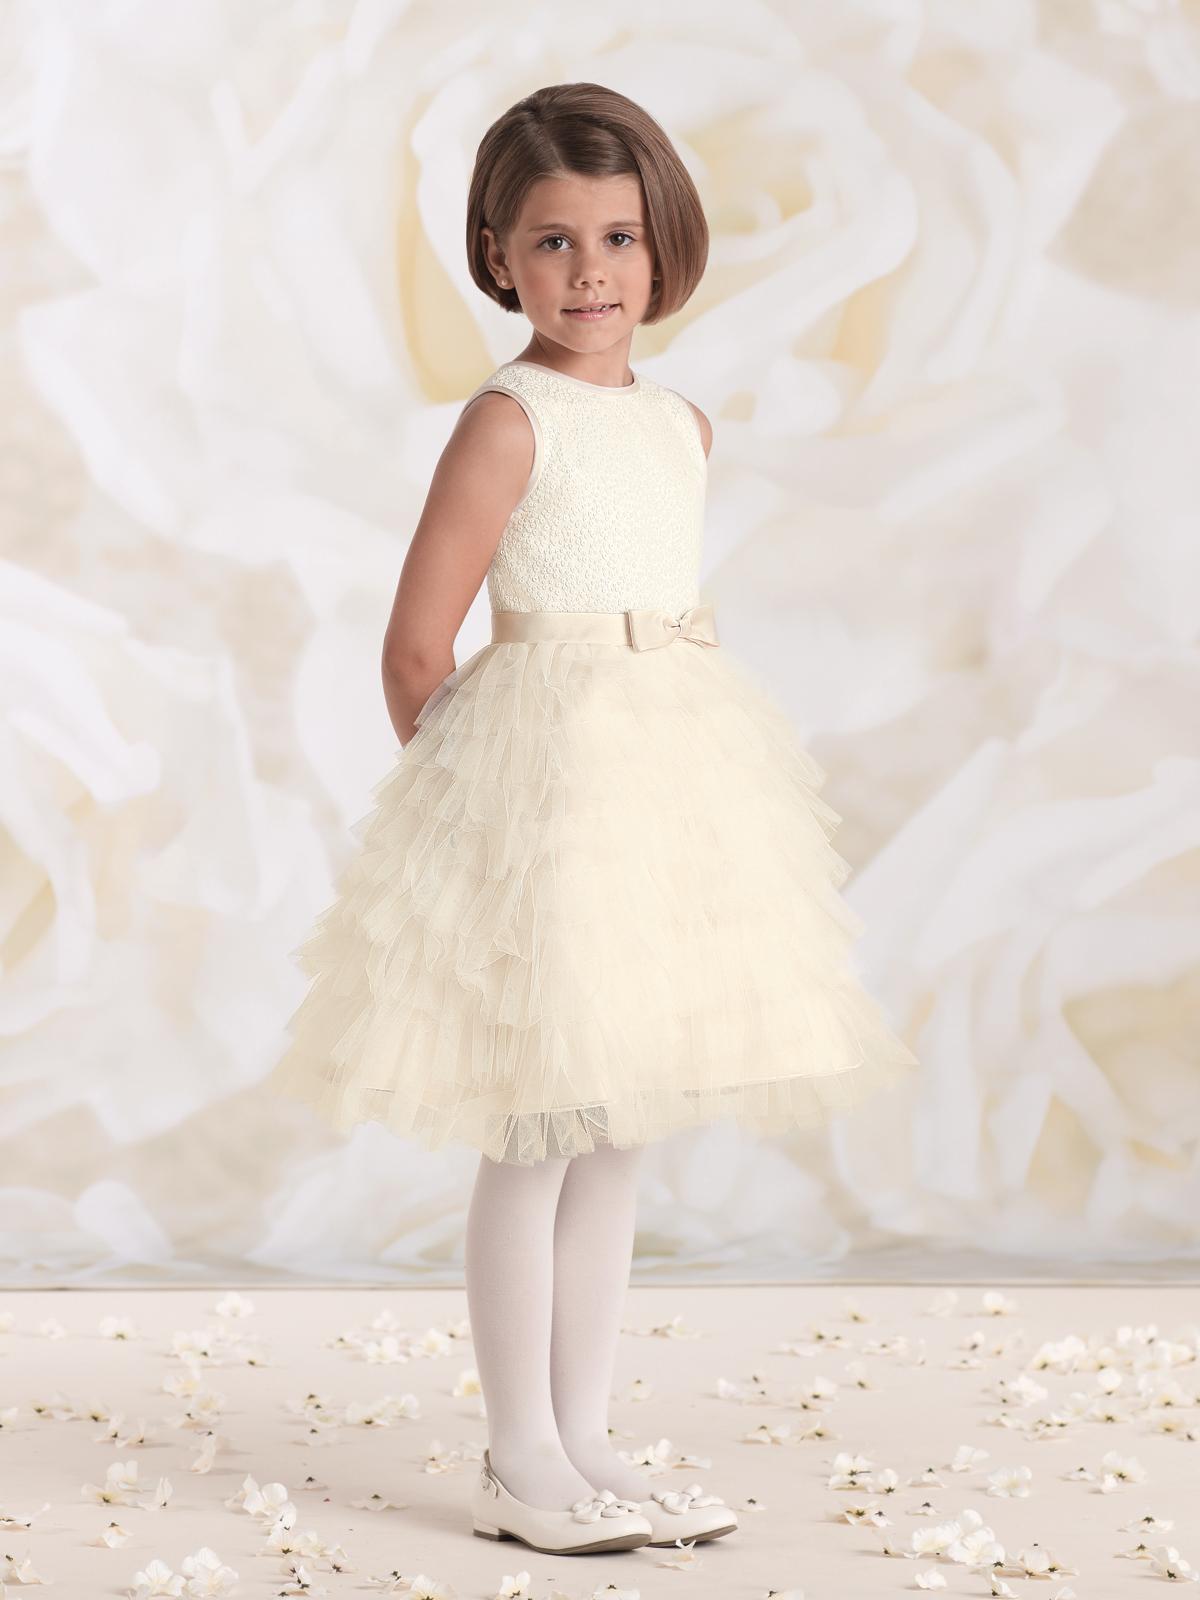 Vestido de Dama com corpo em tecido de mini paetês e saia rodad em camadas de pétalas em tule.